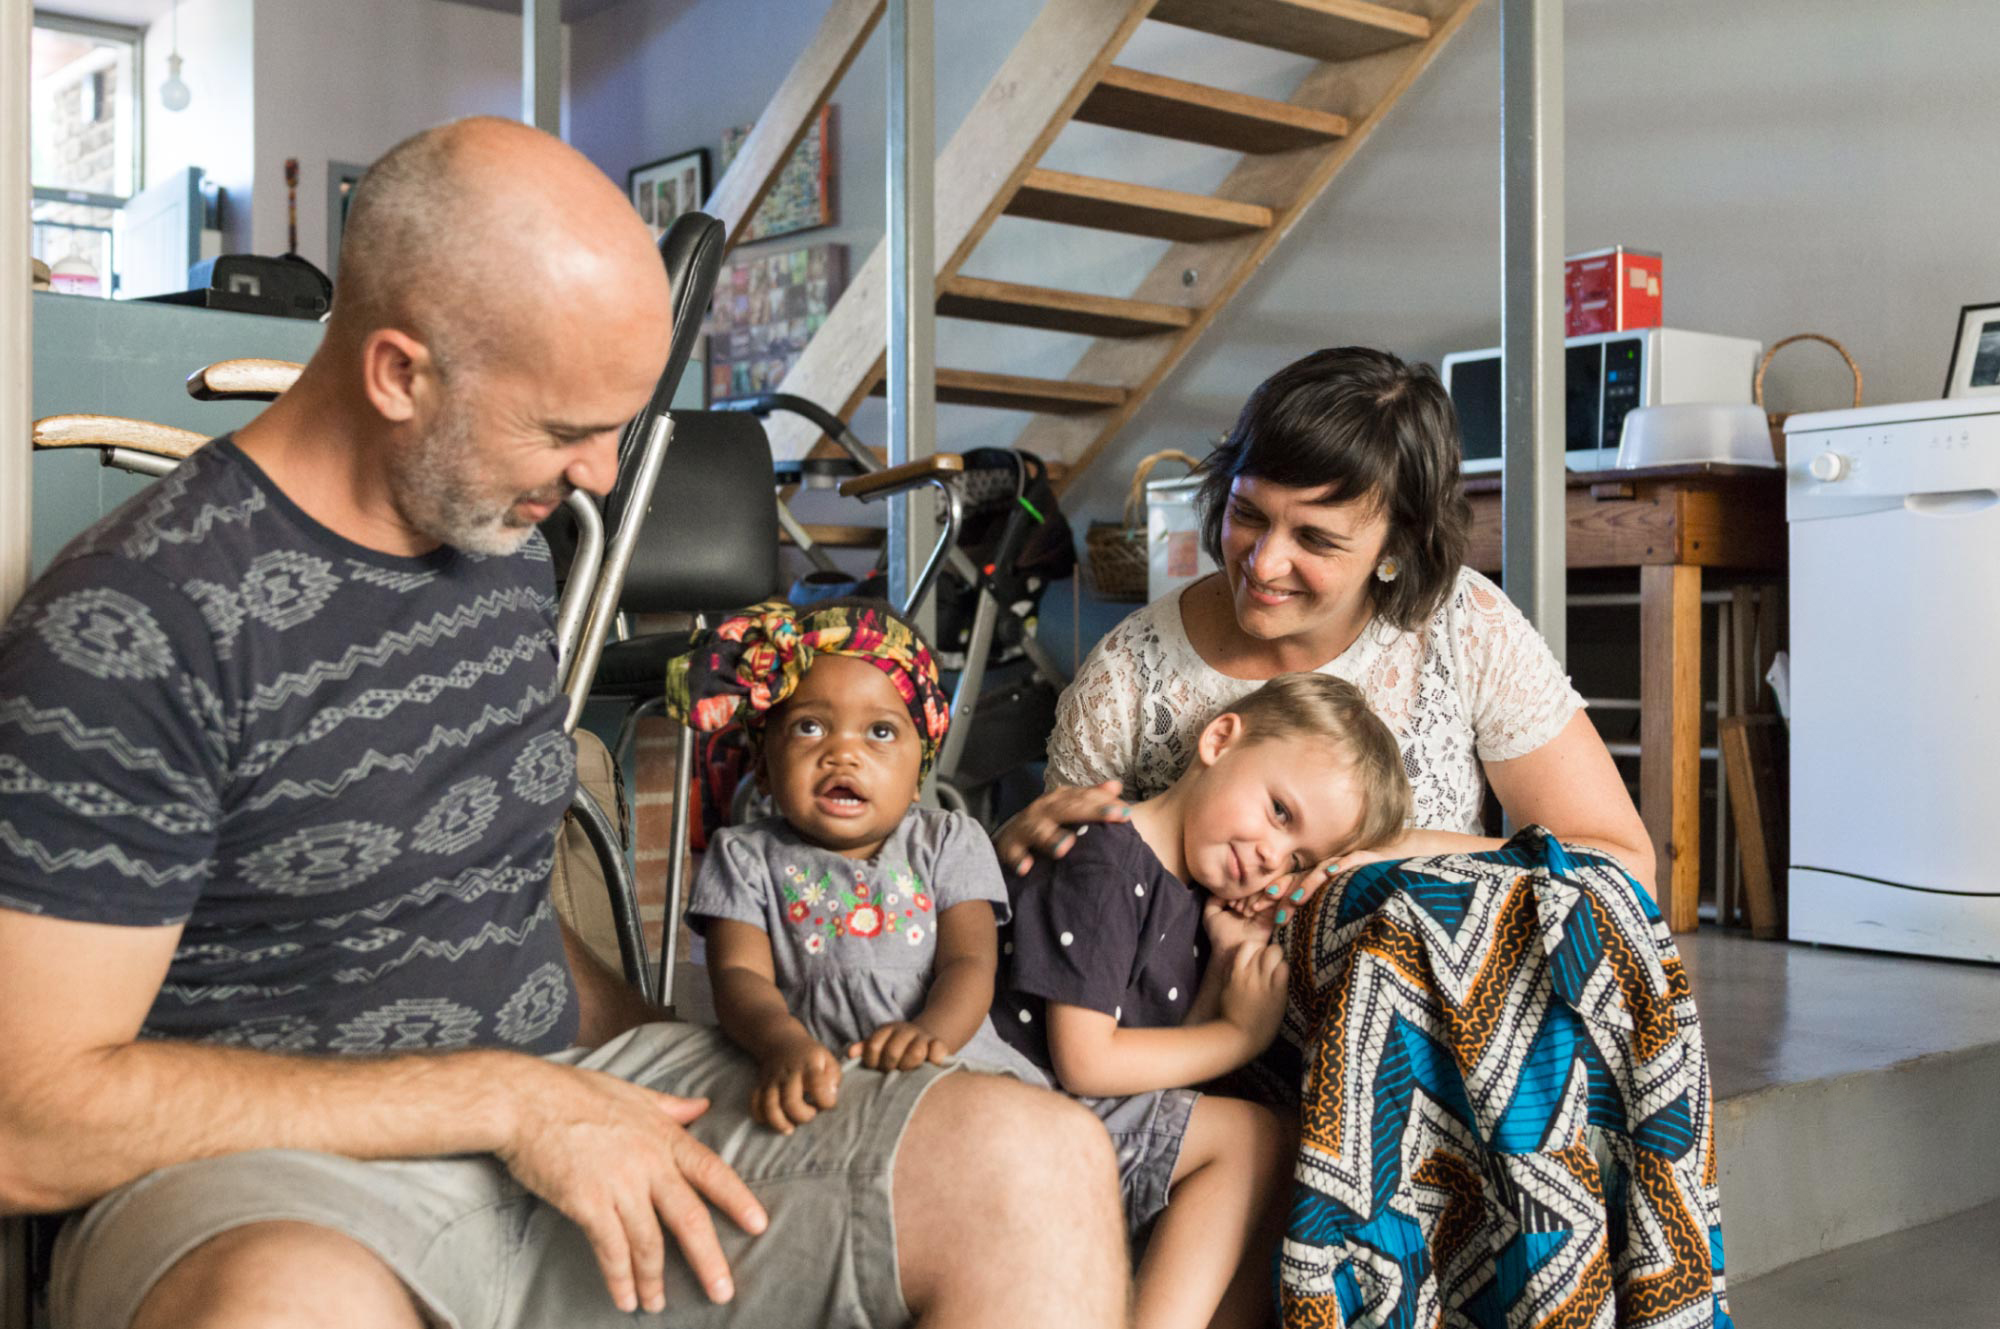 Interview with Photographer Garick van Staden